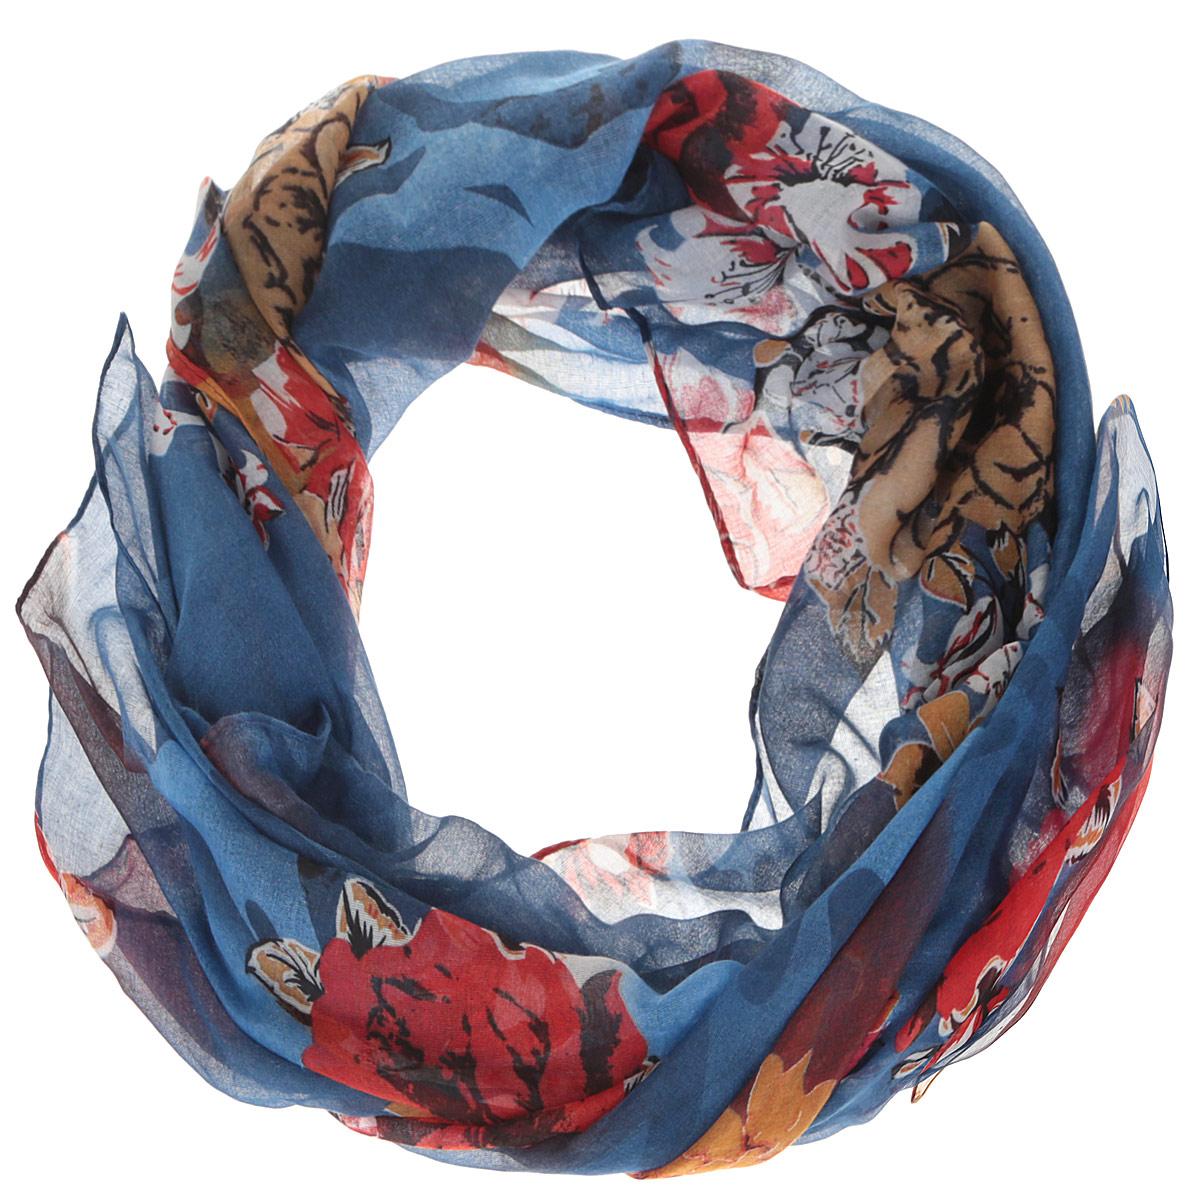 JH599-1Модный женский шарф Fabretti подарит вам уют и станет стильным аксессуаром, который призван подчеркнуть вашу индивидуальность и женственность. Тонкий шарф выполнен из высококачественной 100% вискозы, он невероятно мягкий и приятный на ощупь. Шарф оформлен принтом с изображением пышных цветов. Этот модный аксессуар гармонично дополнит образ современной женщины, следящей за своим имиджем и стремящейся всегда оставаться стильной и элегантной. Такой шарф украсит любой наряд и согреет вас в непогоду, с ним вы всегда будете выглядеть изысканно и оригинально.